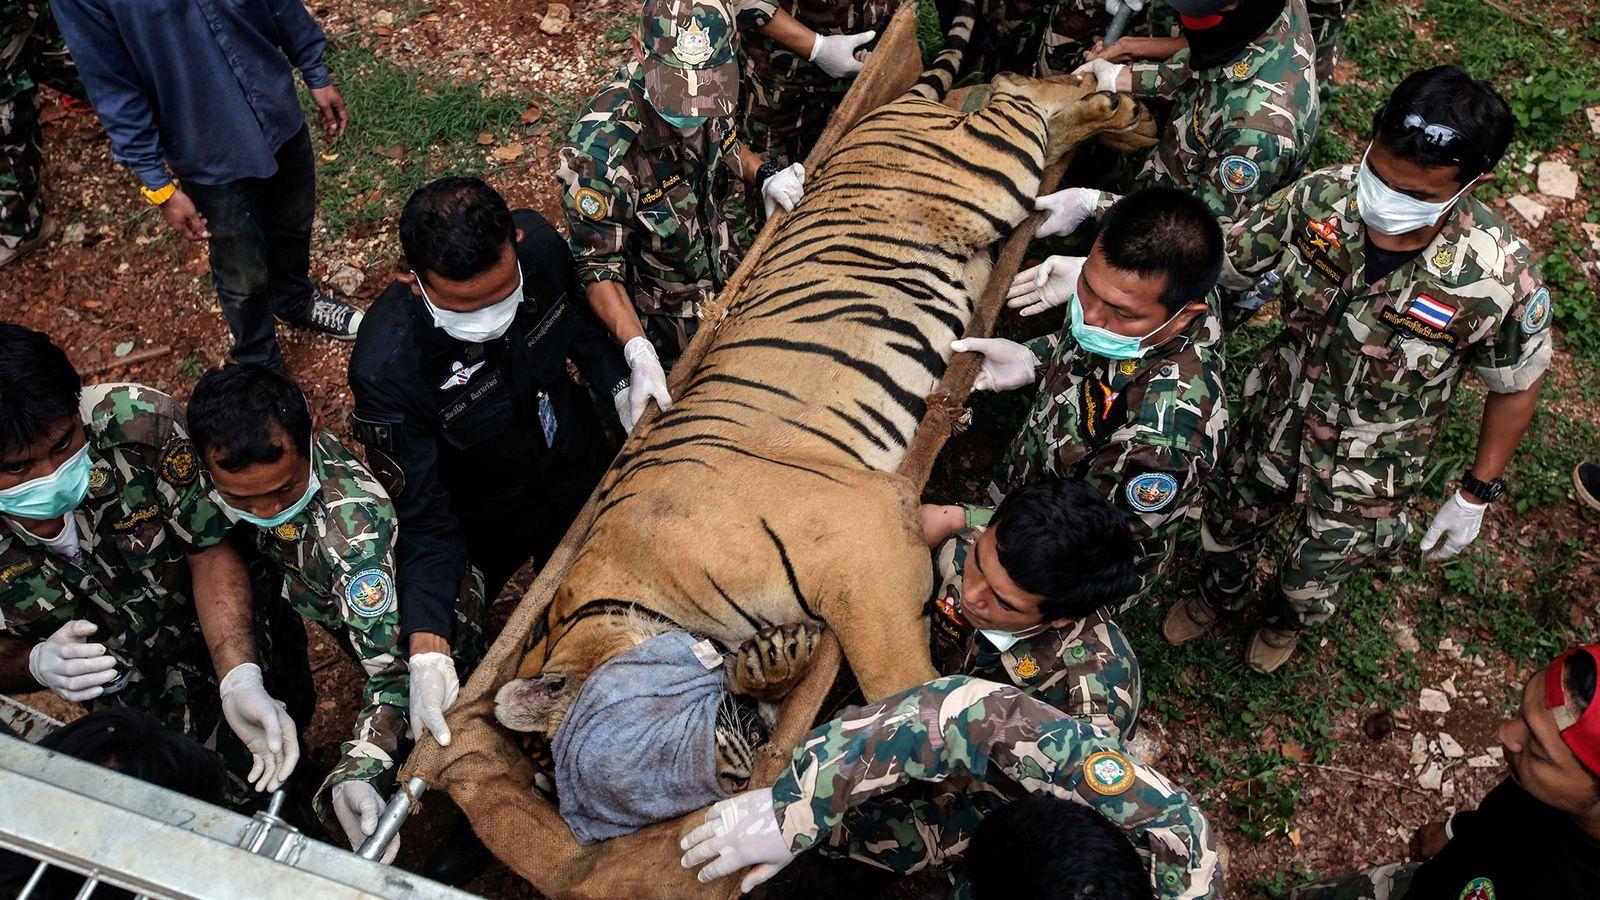 Em 2016, 147 tigres foram resgatados em uma operação do governo no Templo dos Tigres, na ...